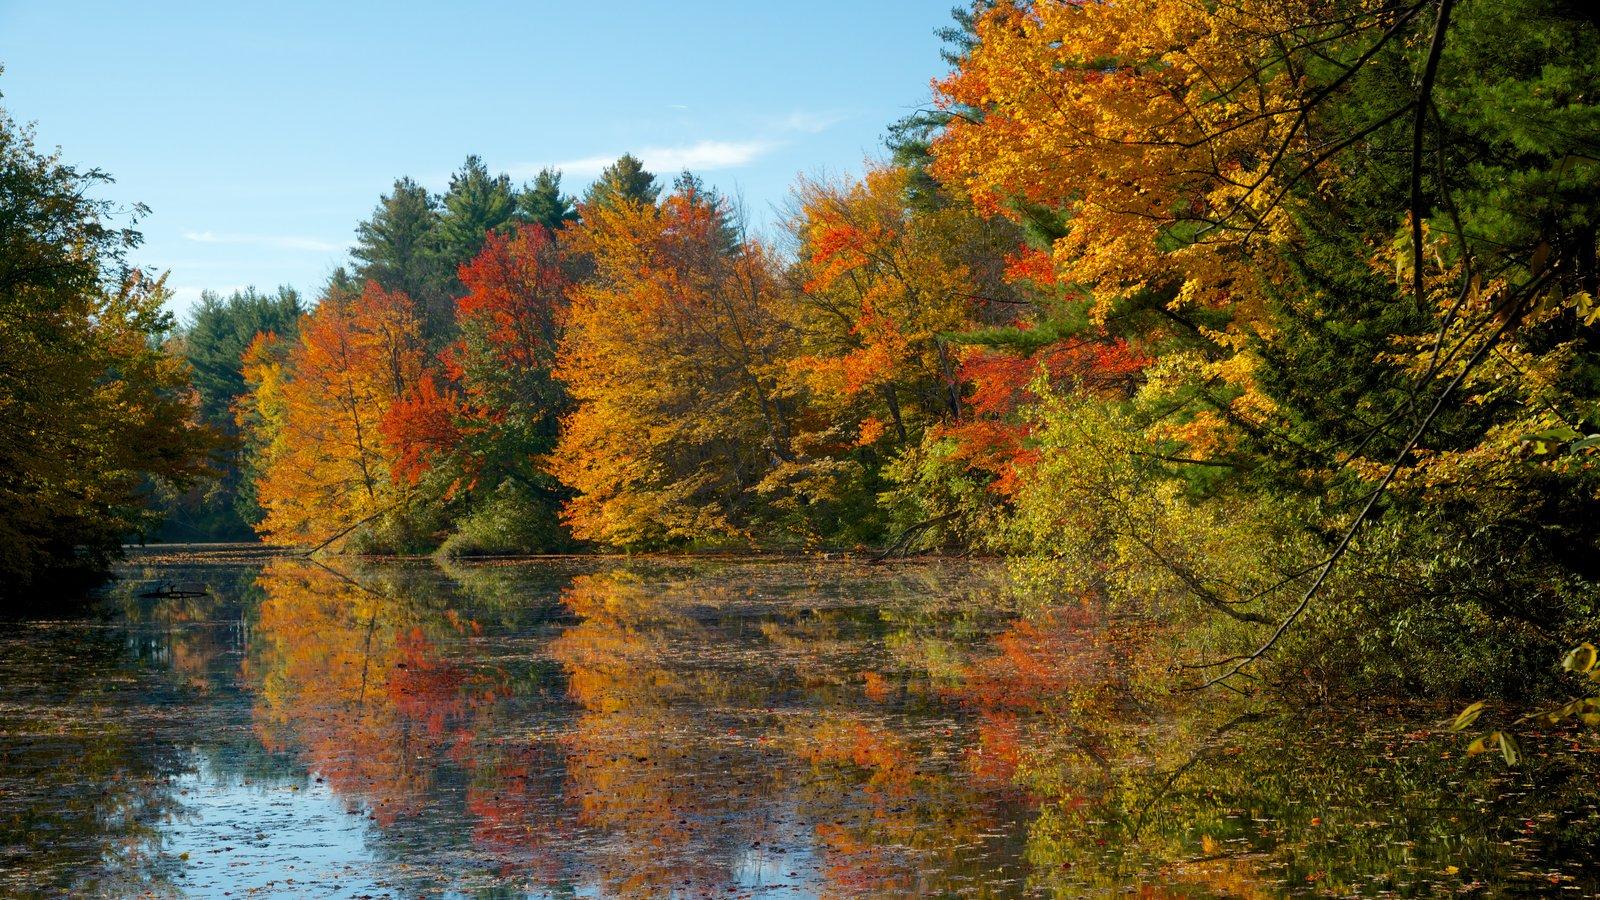 Conway caracterizando folhas de outono e um lago ou charco